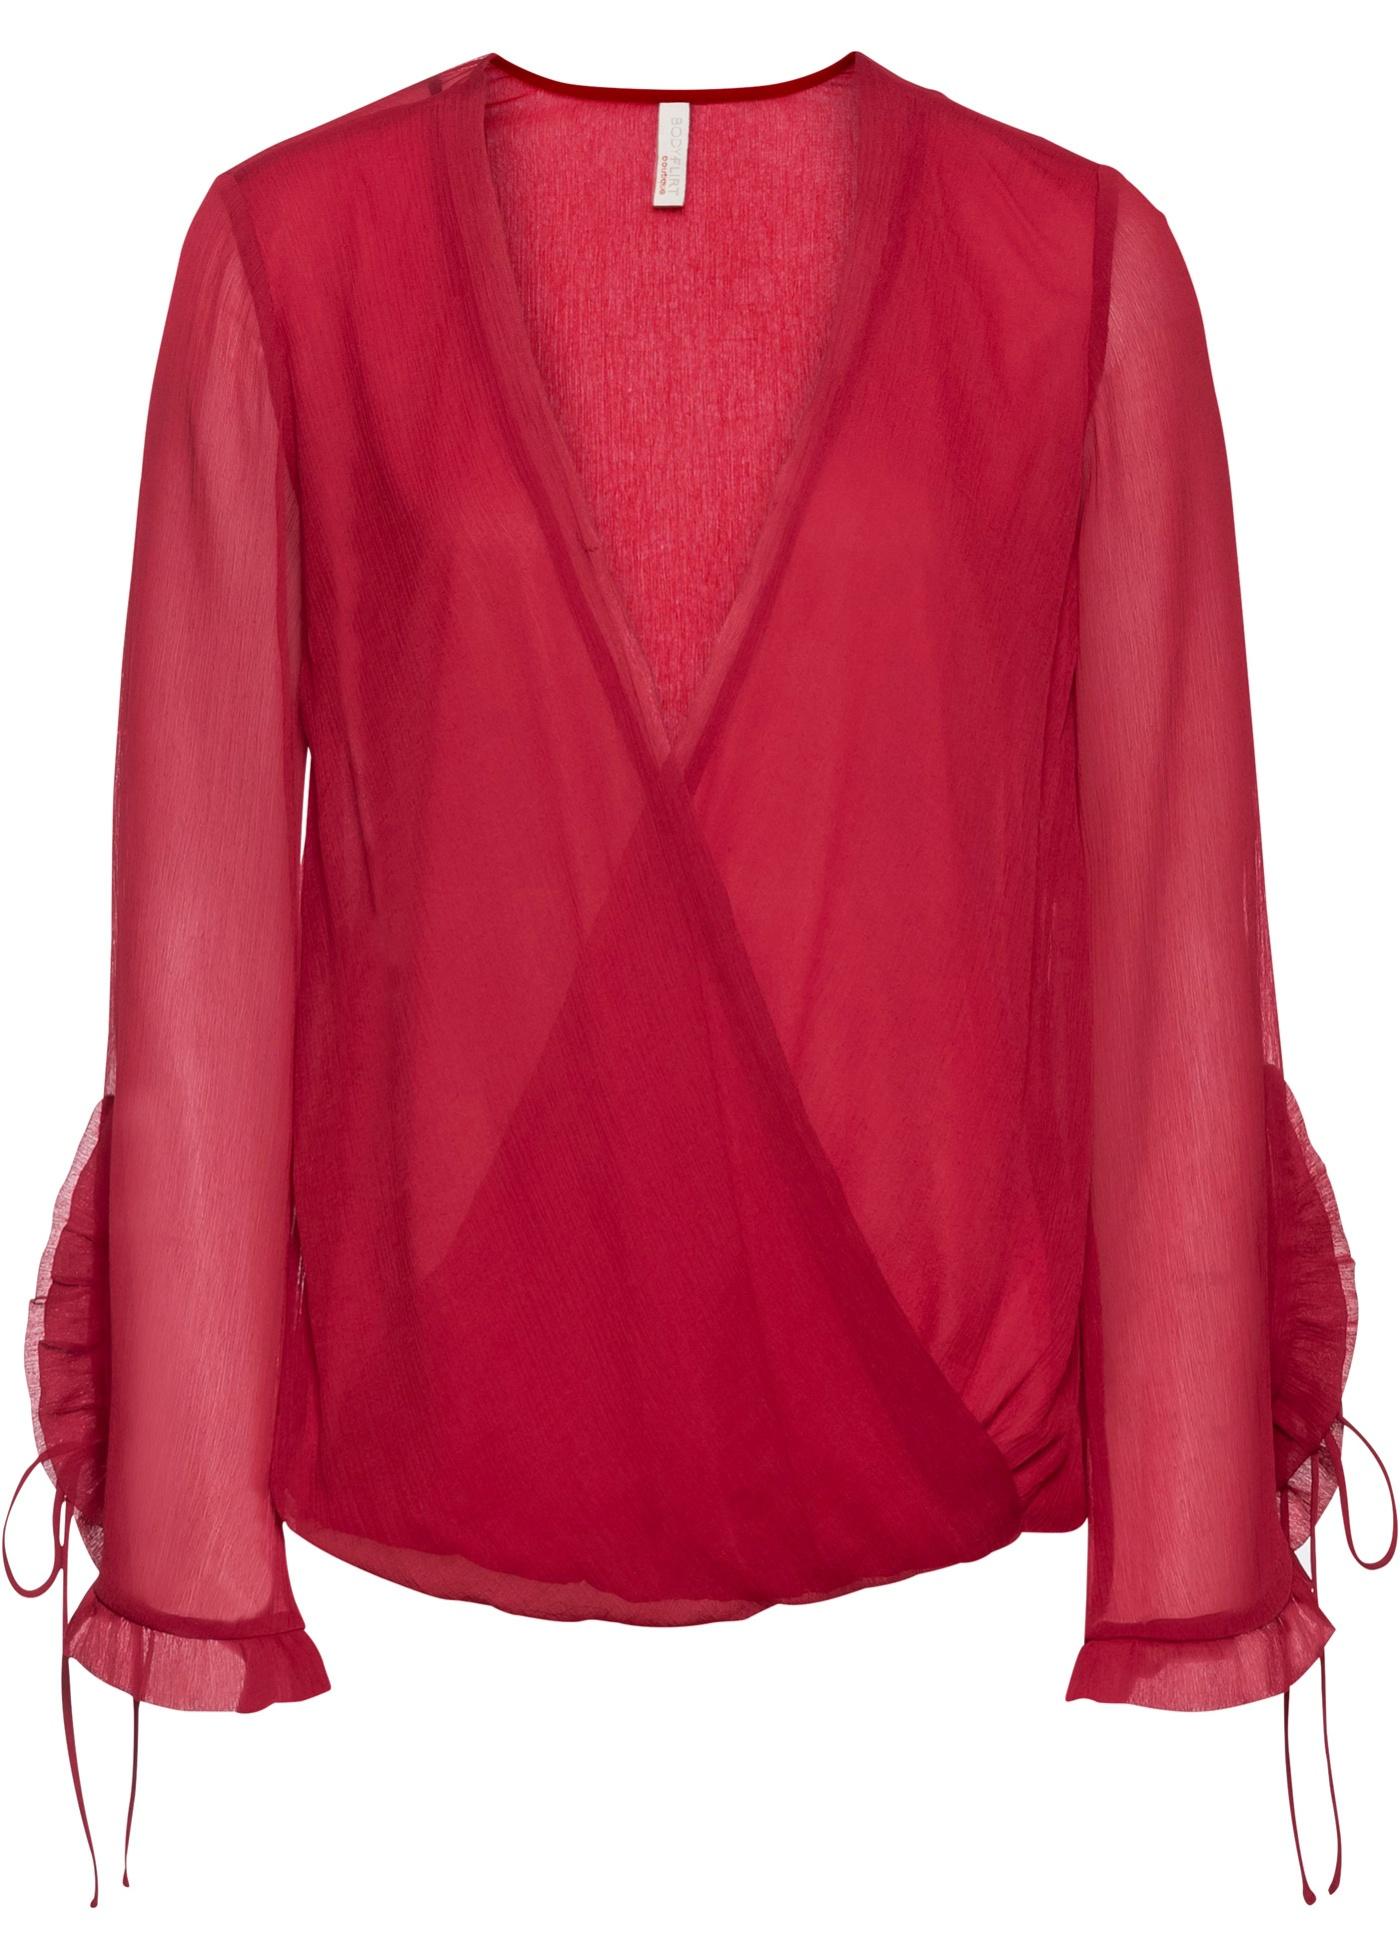 Blusa a portafoglio in chiffon (Rosso) - BODYFLIRT boutique